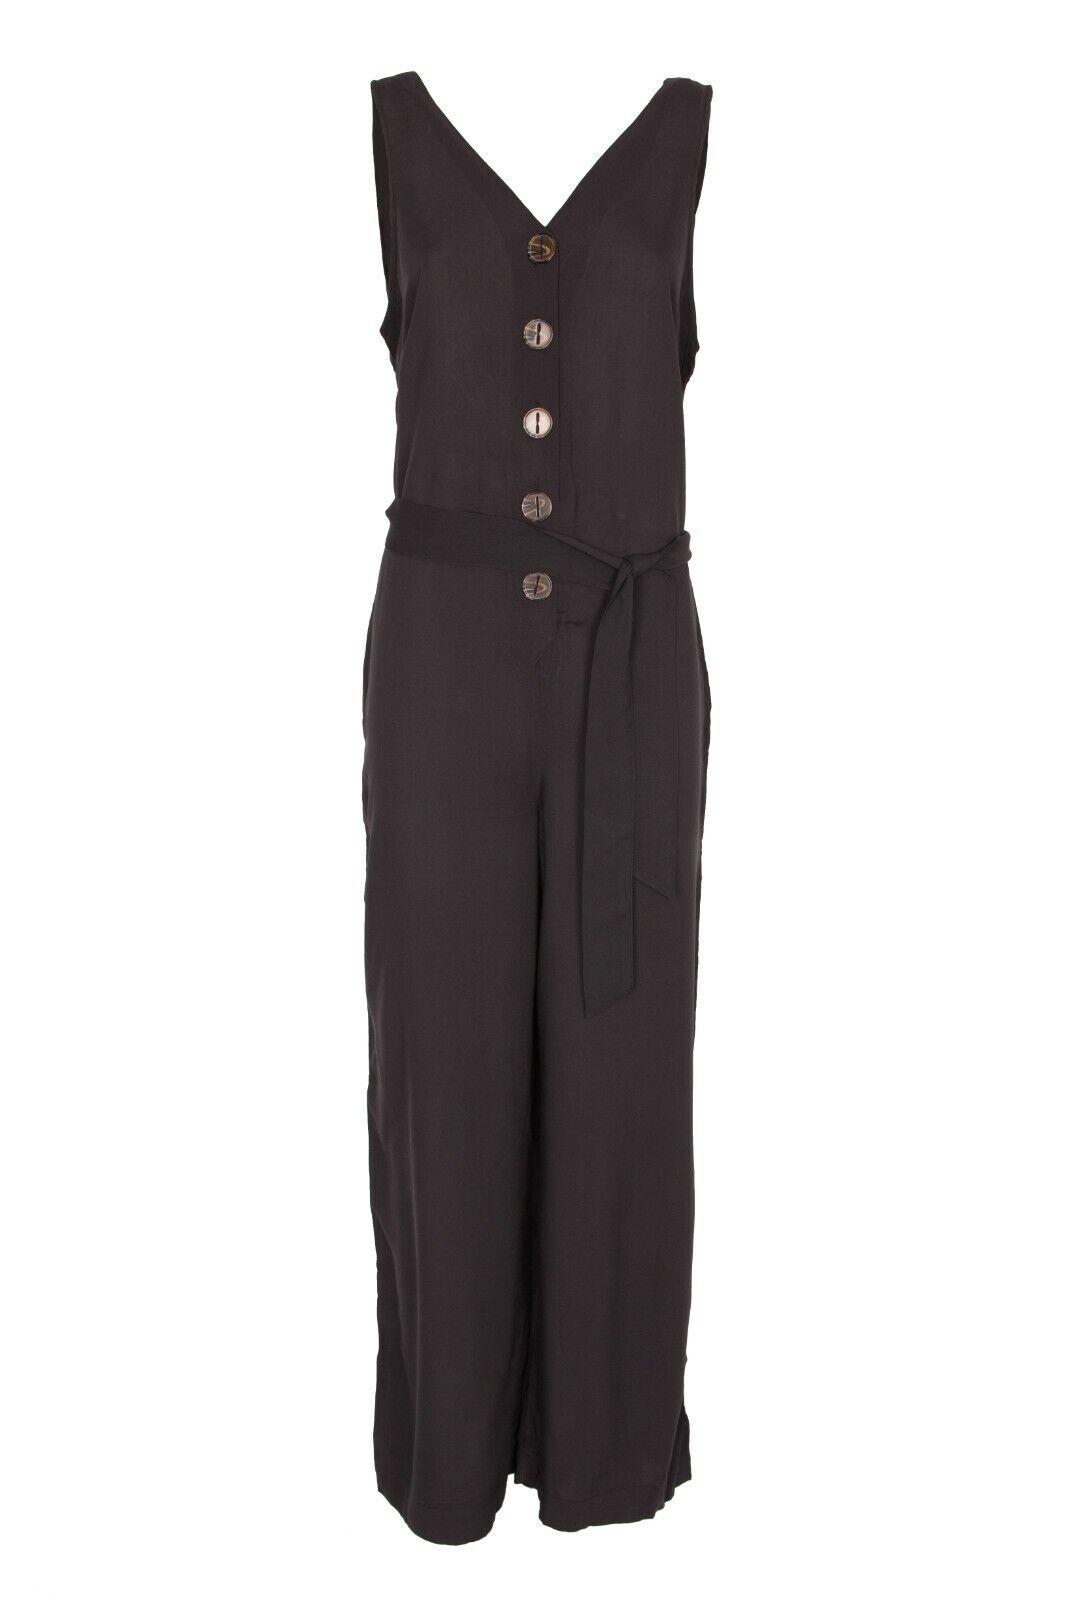 Damen Strandoverall Overall Jumpsuit BUFFALO schwarz NEU Größe 36 38 40 42 44 46